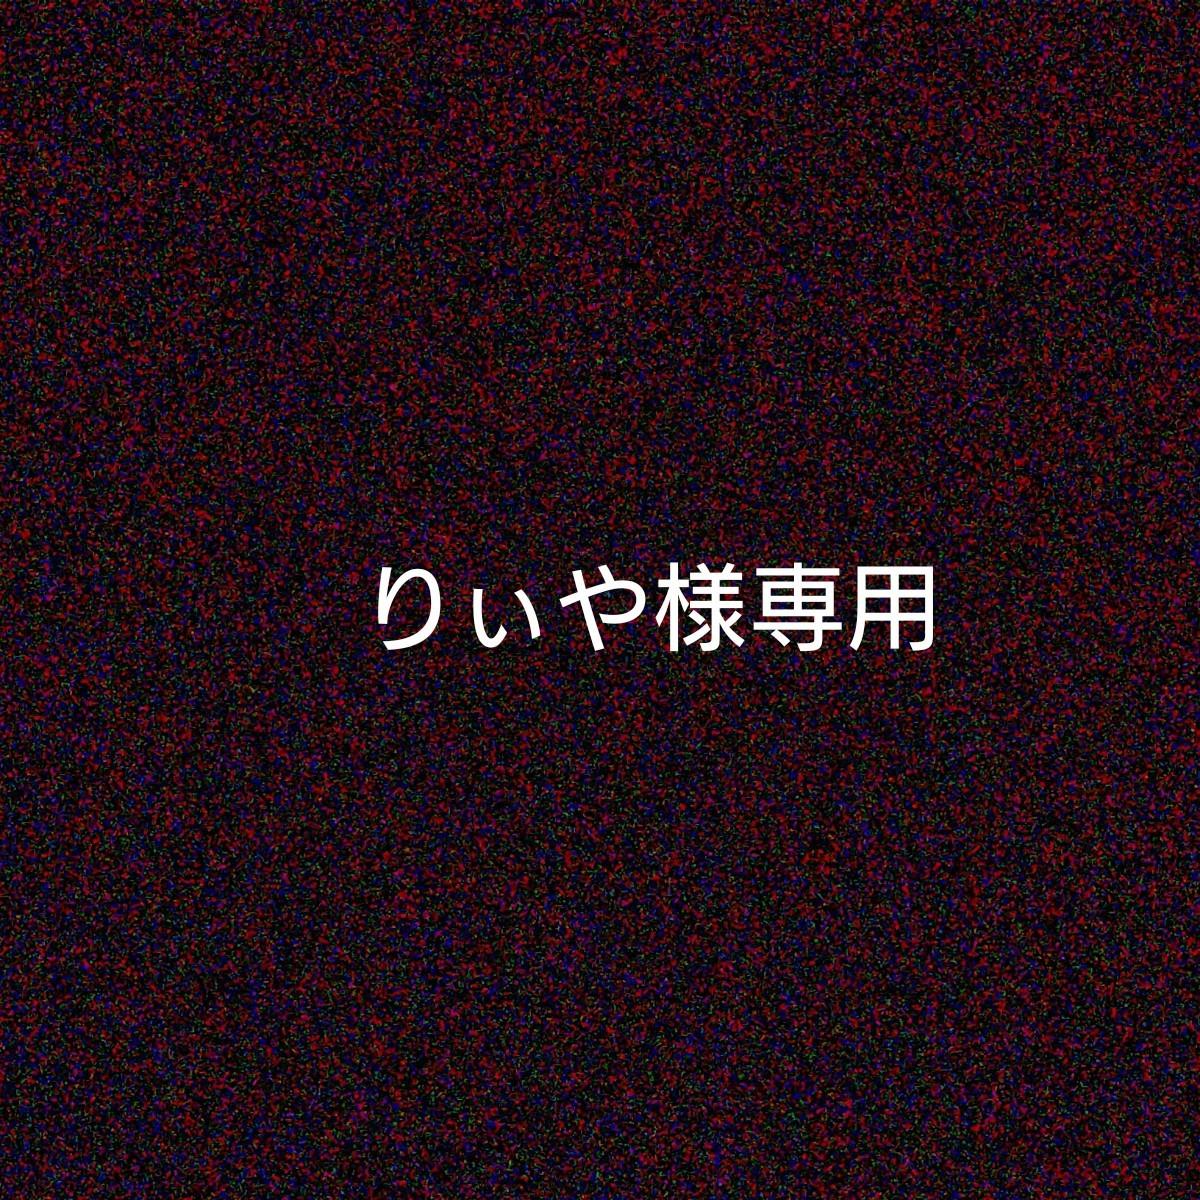 全巻セット ドラゴンボール 鳥山明 英語 漫画 洋書 マンガ コミック